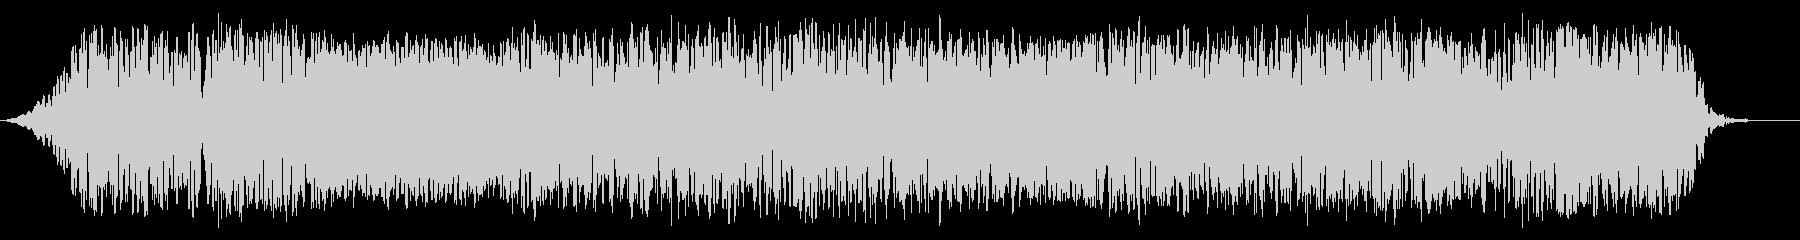 テルミン:揺れる不気味な音楽のアクセントの未再生の波形